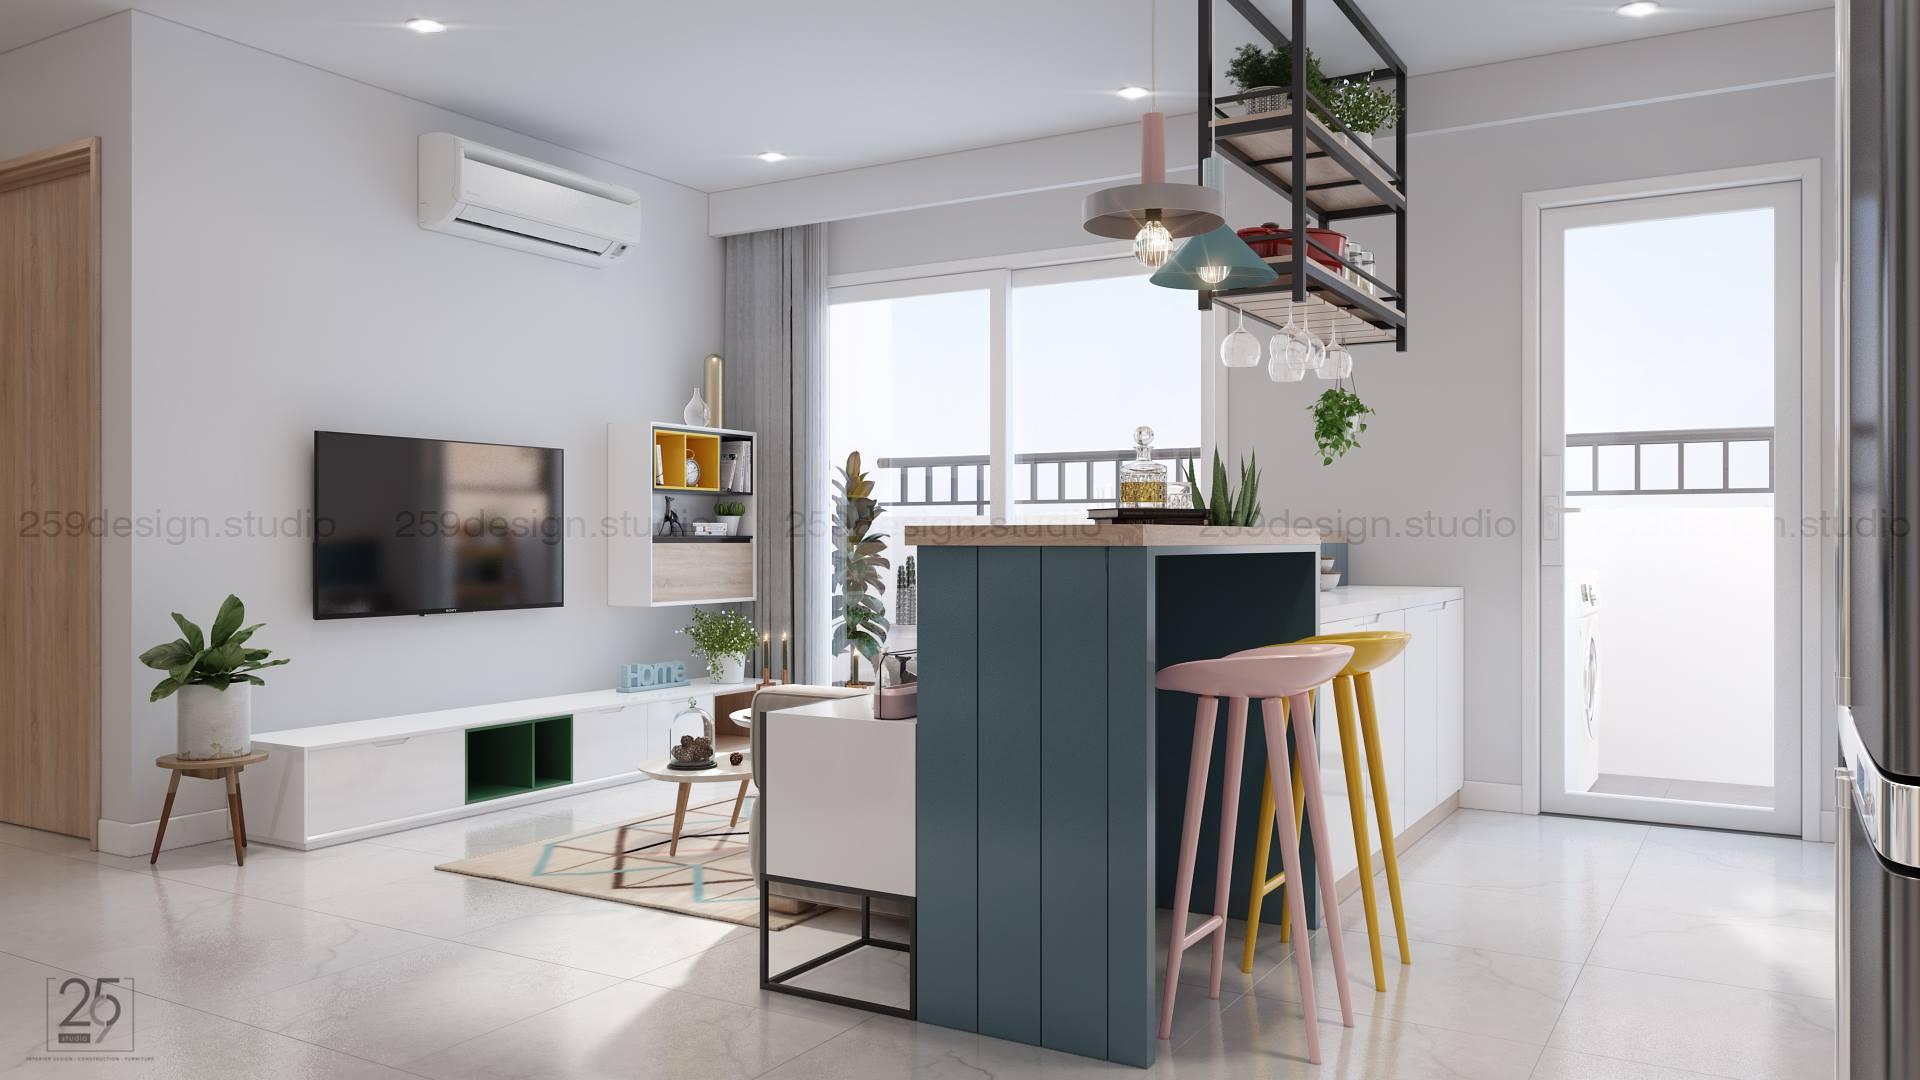 Mẫu thiết kế nội thất căn hộ đẹp với điểm nhấn màu pastel - Nhà Đẹp Số (4)